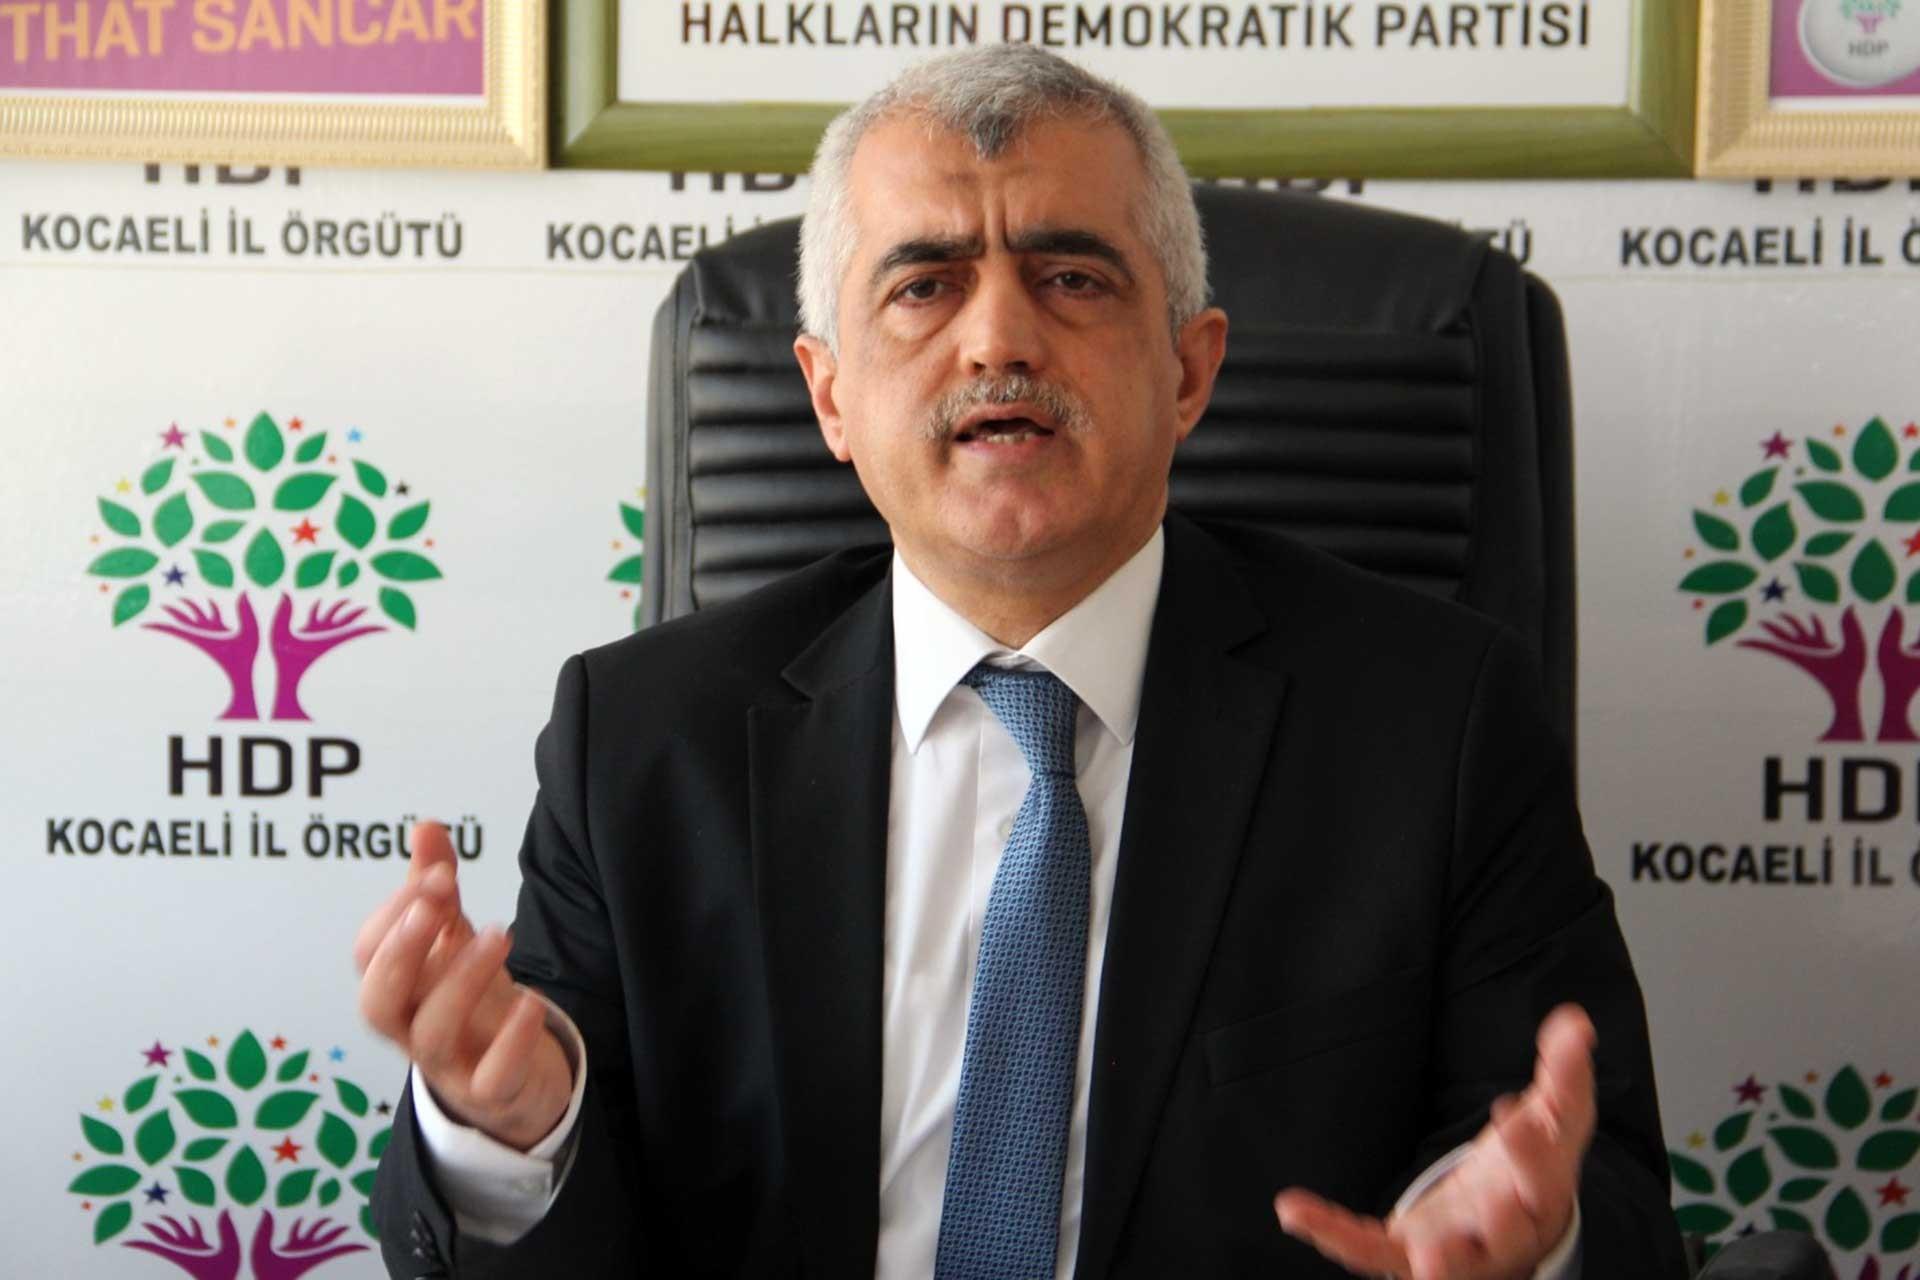 AYM'den Gergerlioğlu kararı: Talebi reddedildi